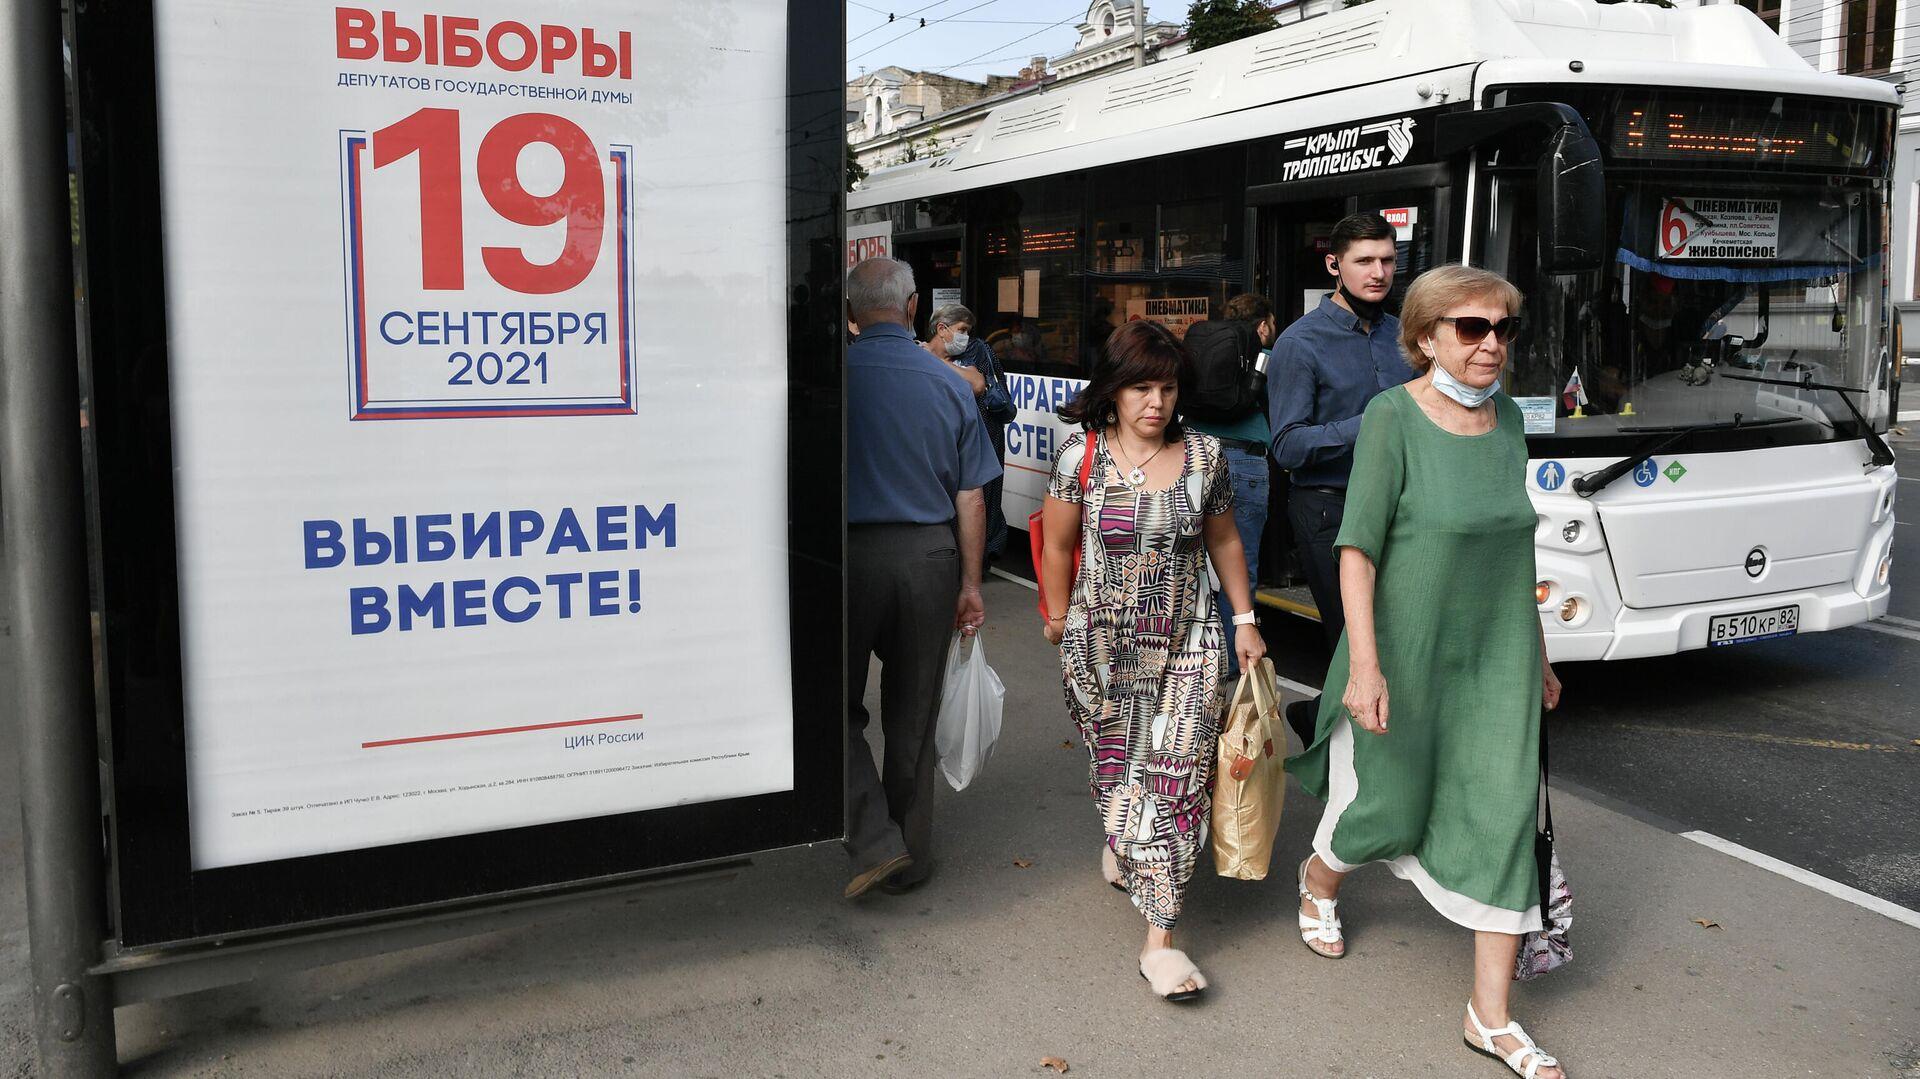 ЦИК предоставил СПЧ и омбудсмену доступ к видеонаблюдению на выборах